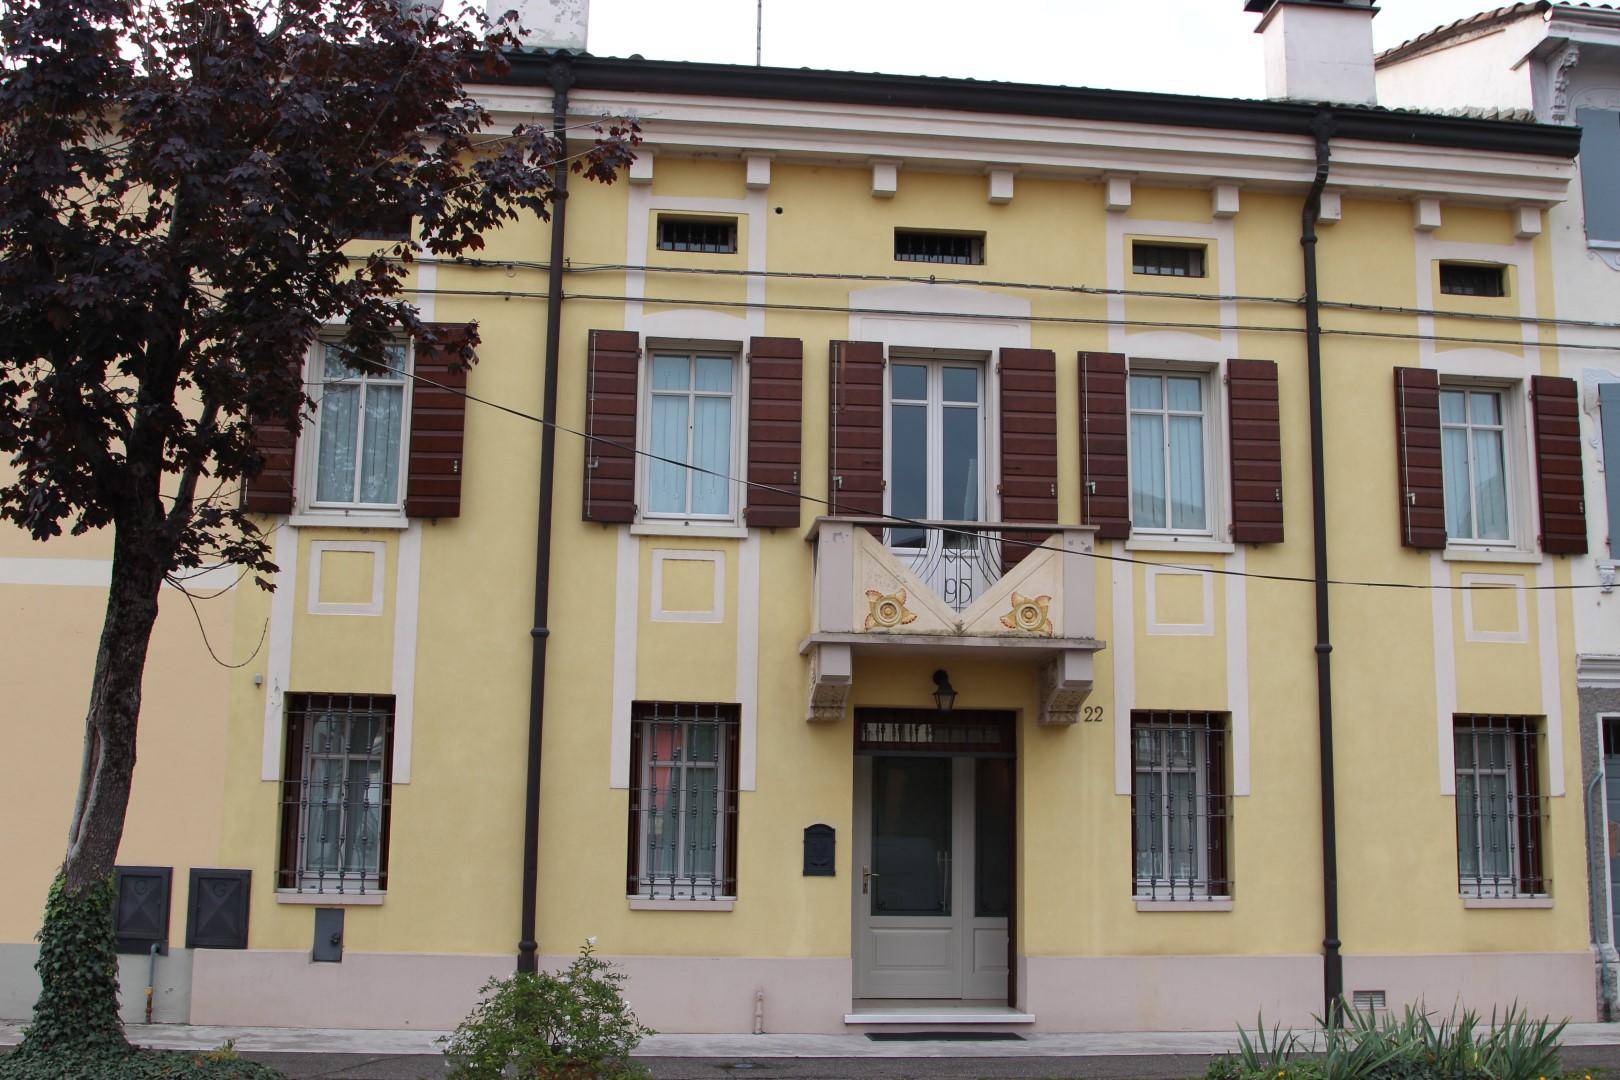 Ristrutturazione di edificio Liberty- Boretto (RE)